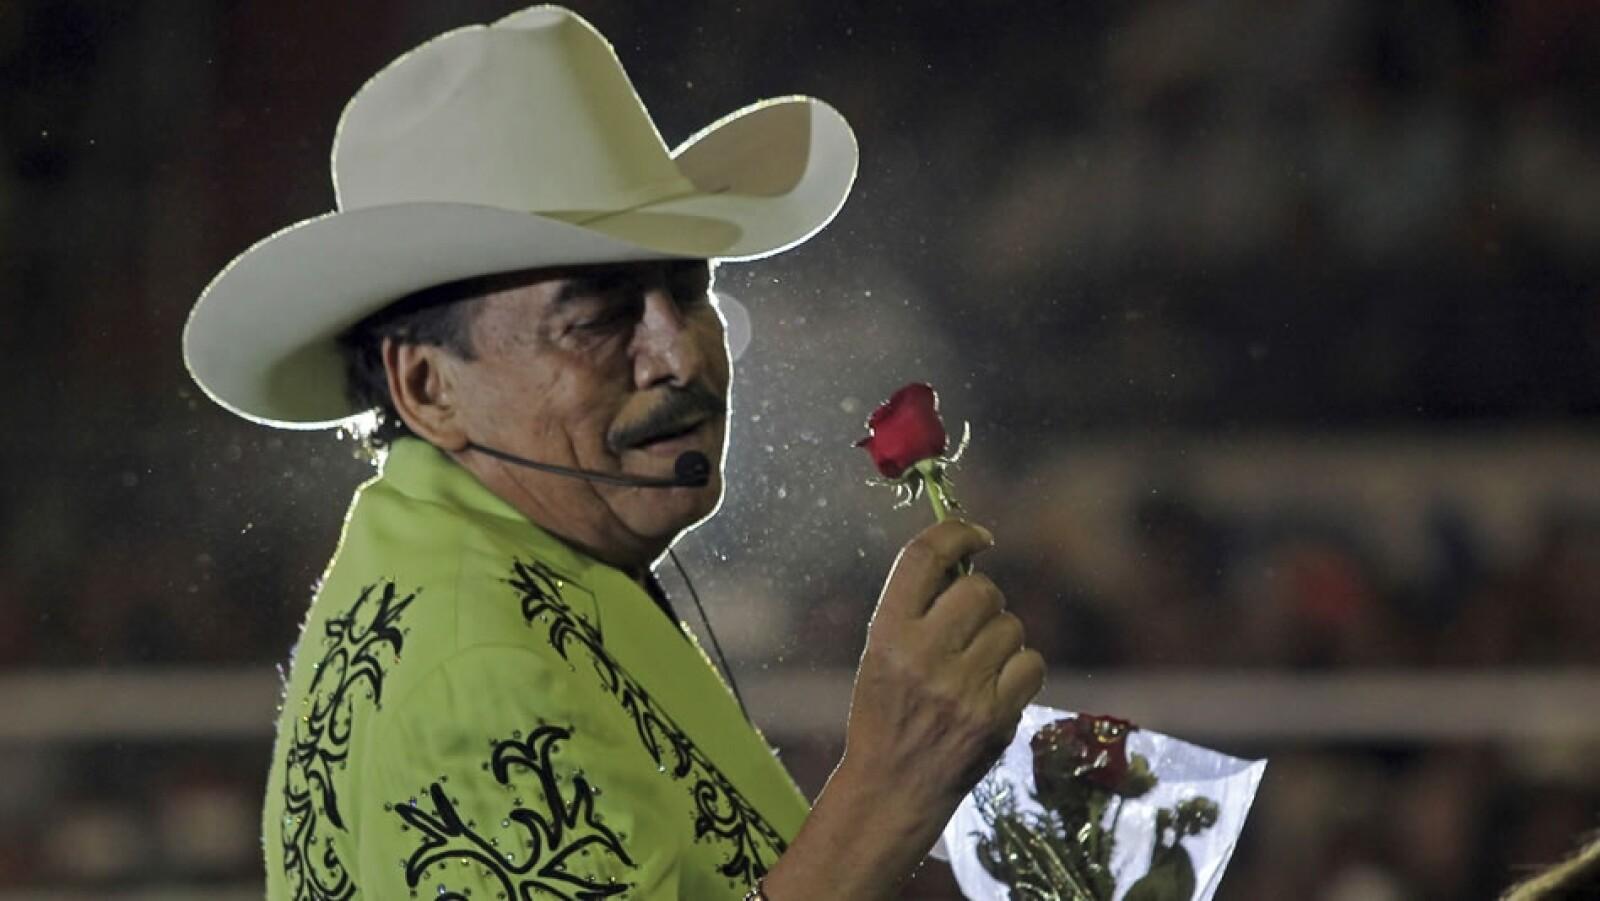 El cantante Joan Sebastian falleció este lunes tras una larga lucha contra el cáncer; en la imagen, durante una presentación durante su gira de despedida en Guadalajara